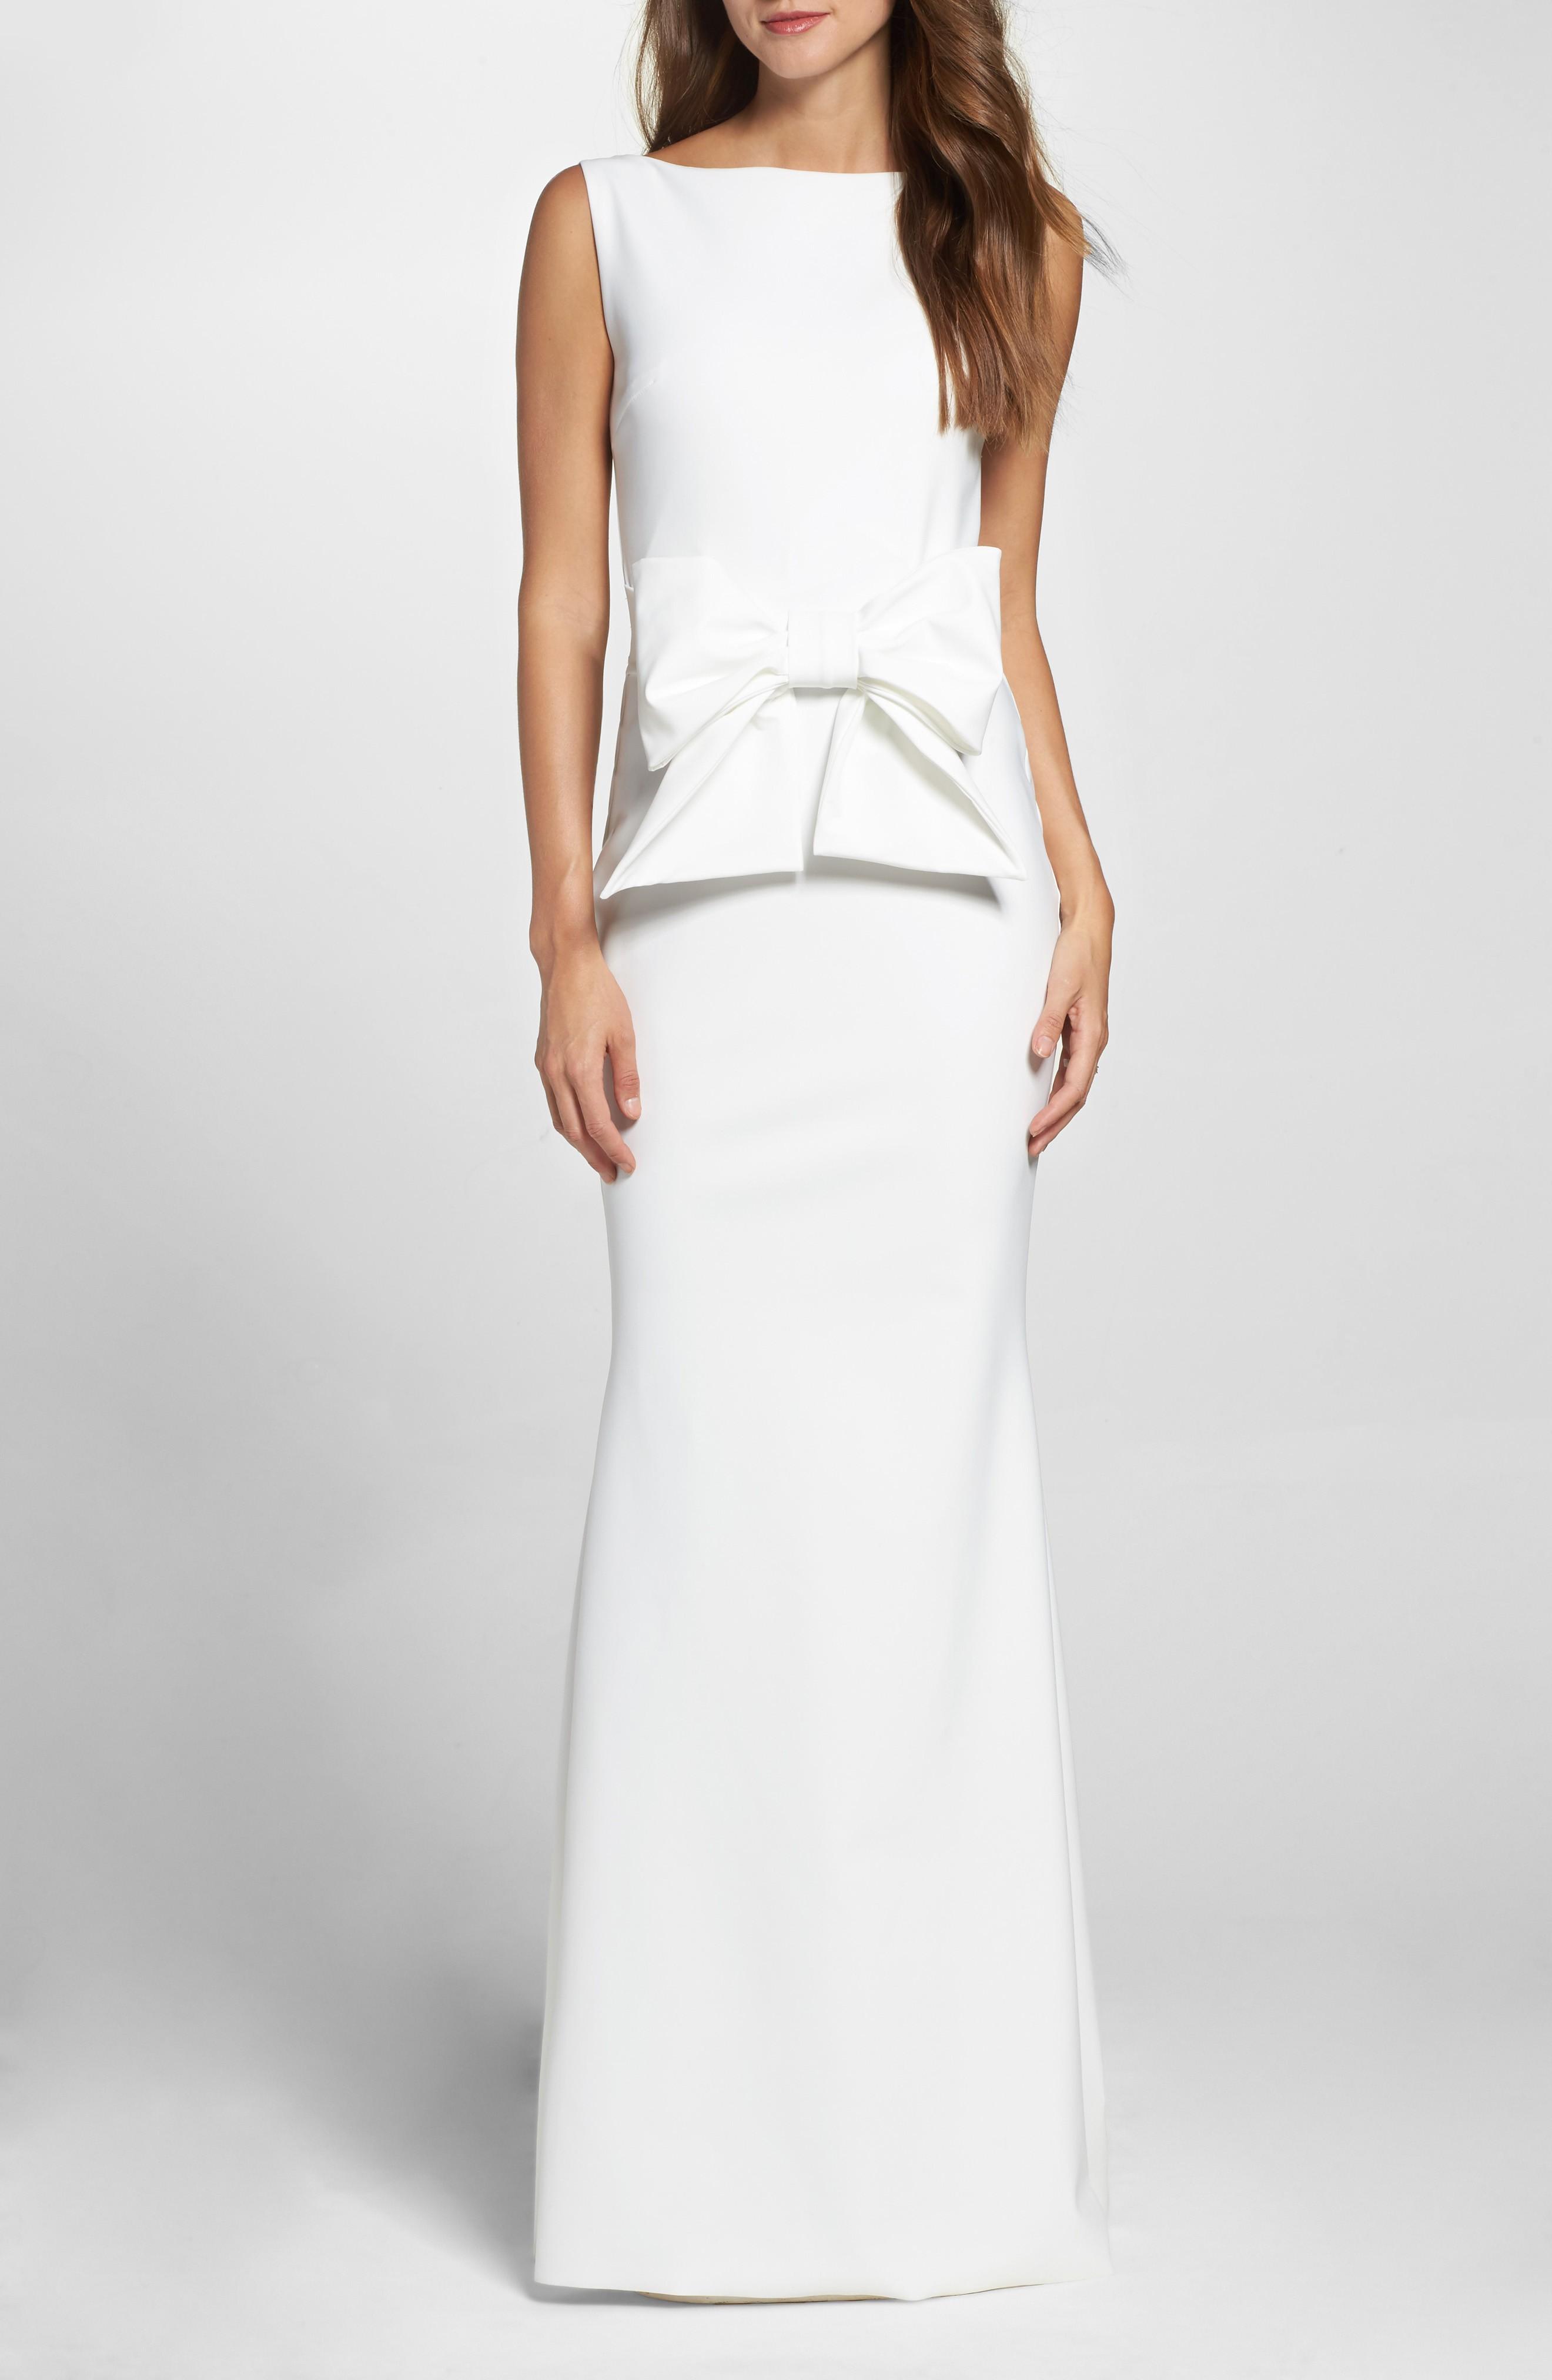 CHIARA BONI LA PETITE ROBE Bow Detail Sleeveless White Gown